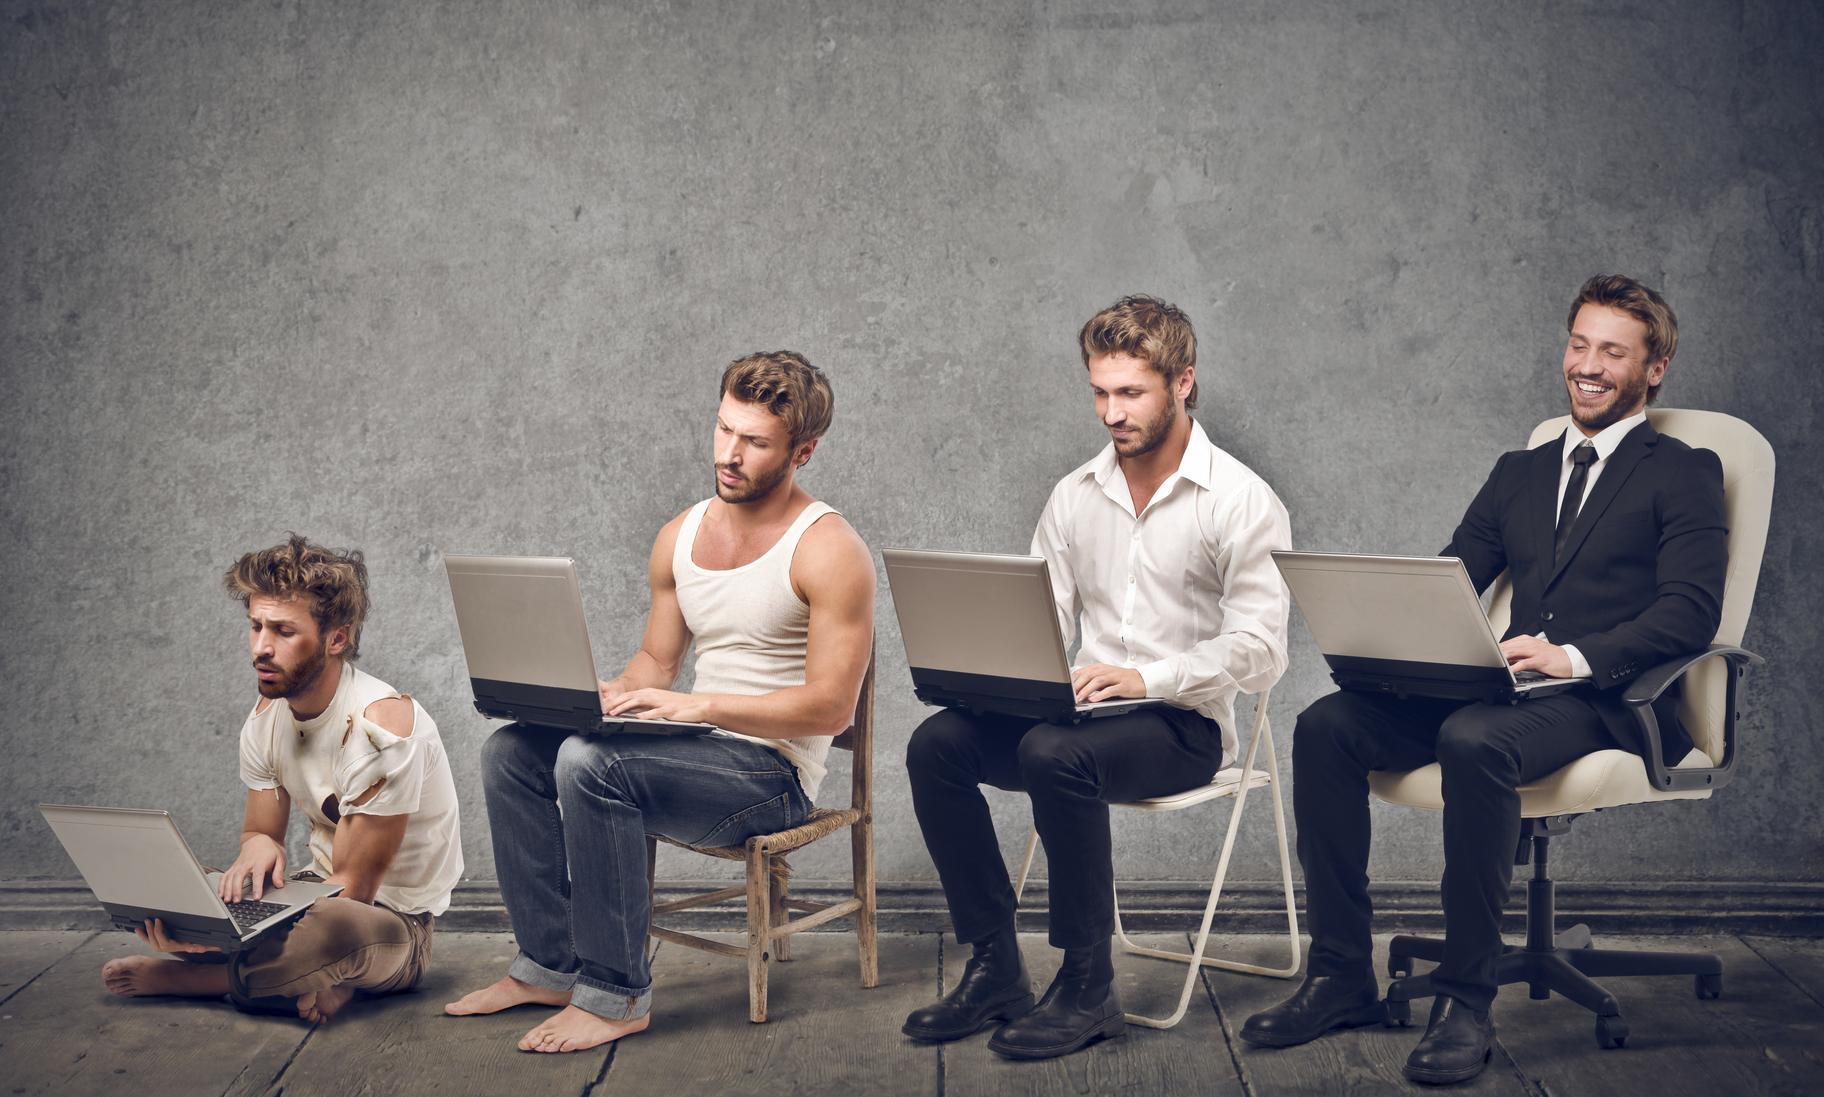 קבוצות תמיכה מונחות אונליין